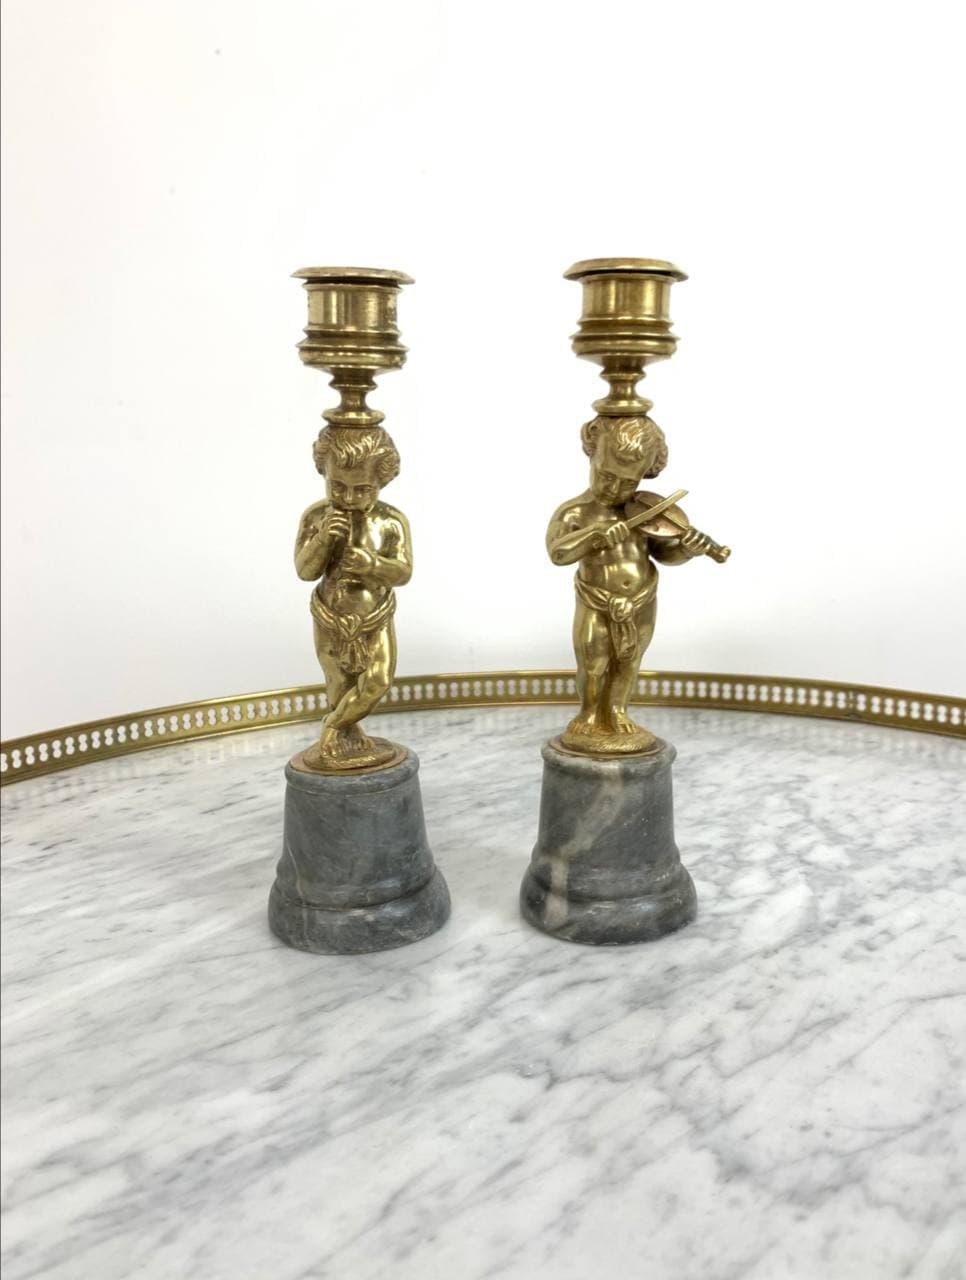 Антикварные бронзовые подсвечники на мраморном цоколе